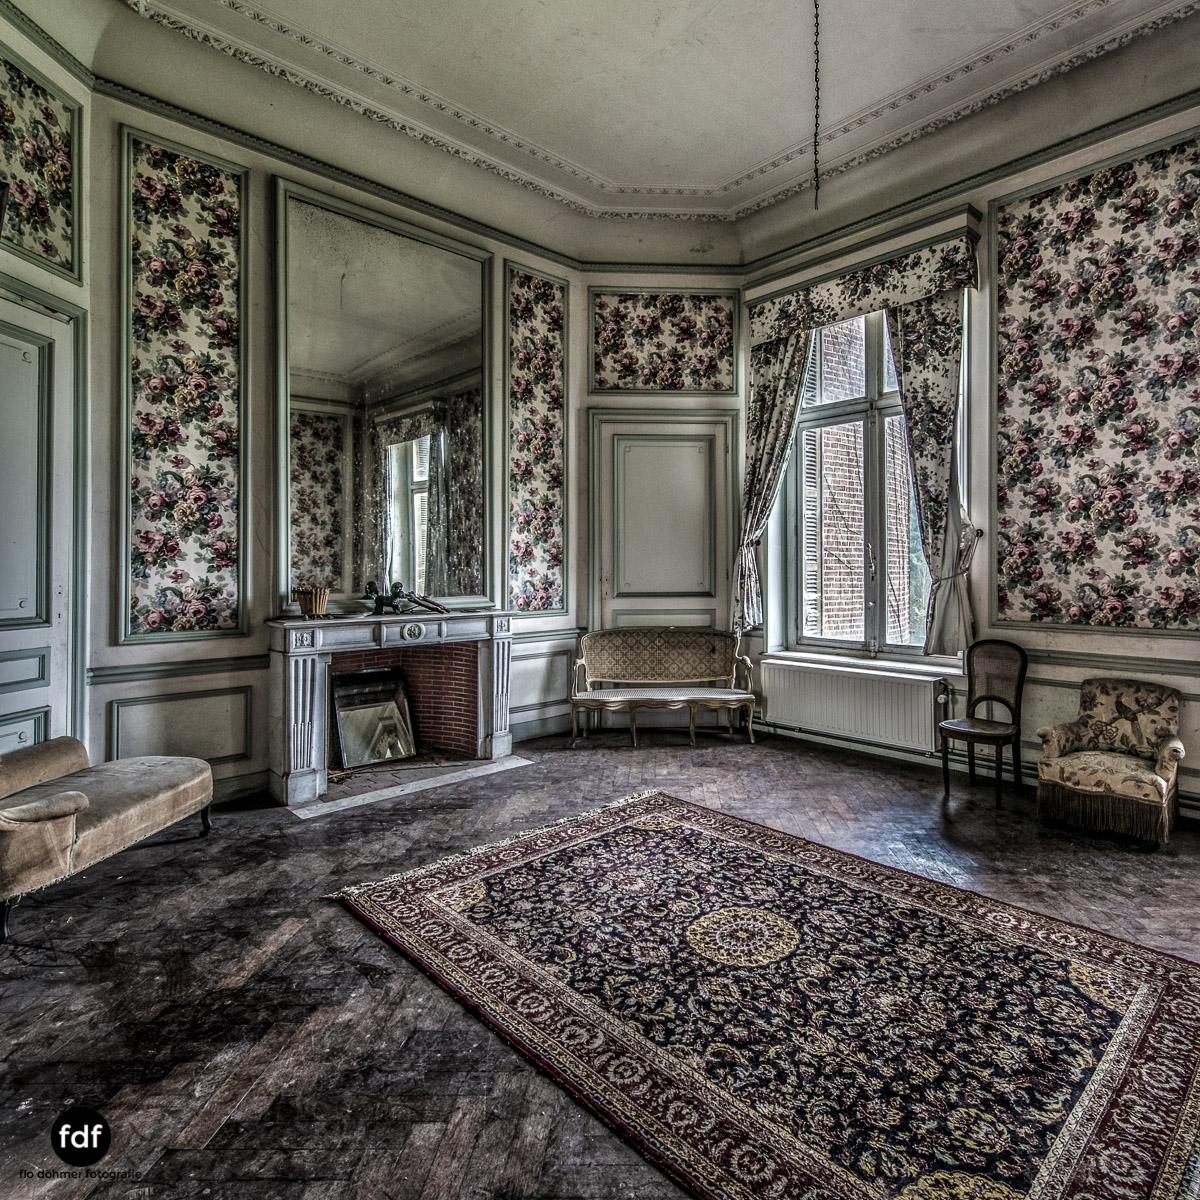 Chateau de la Foret-113-Bearbeitet.jpg